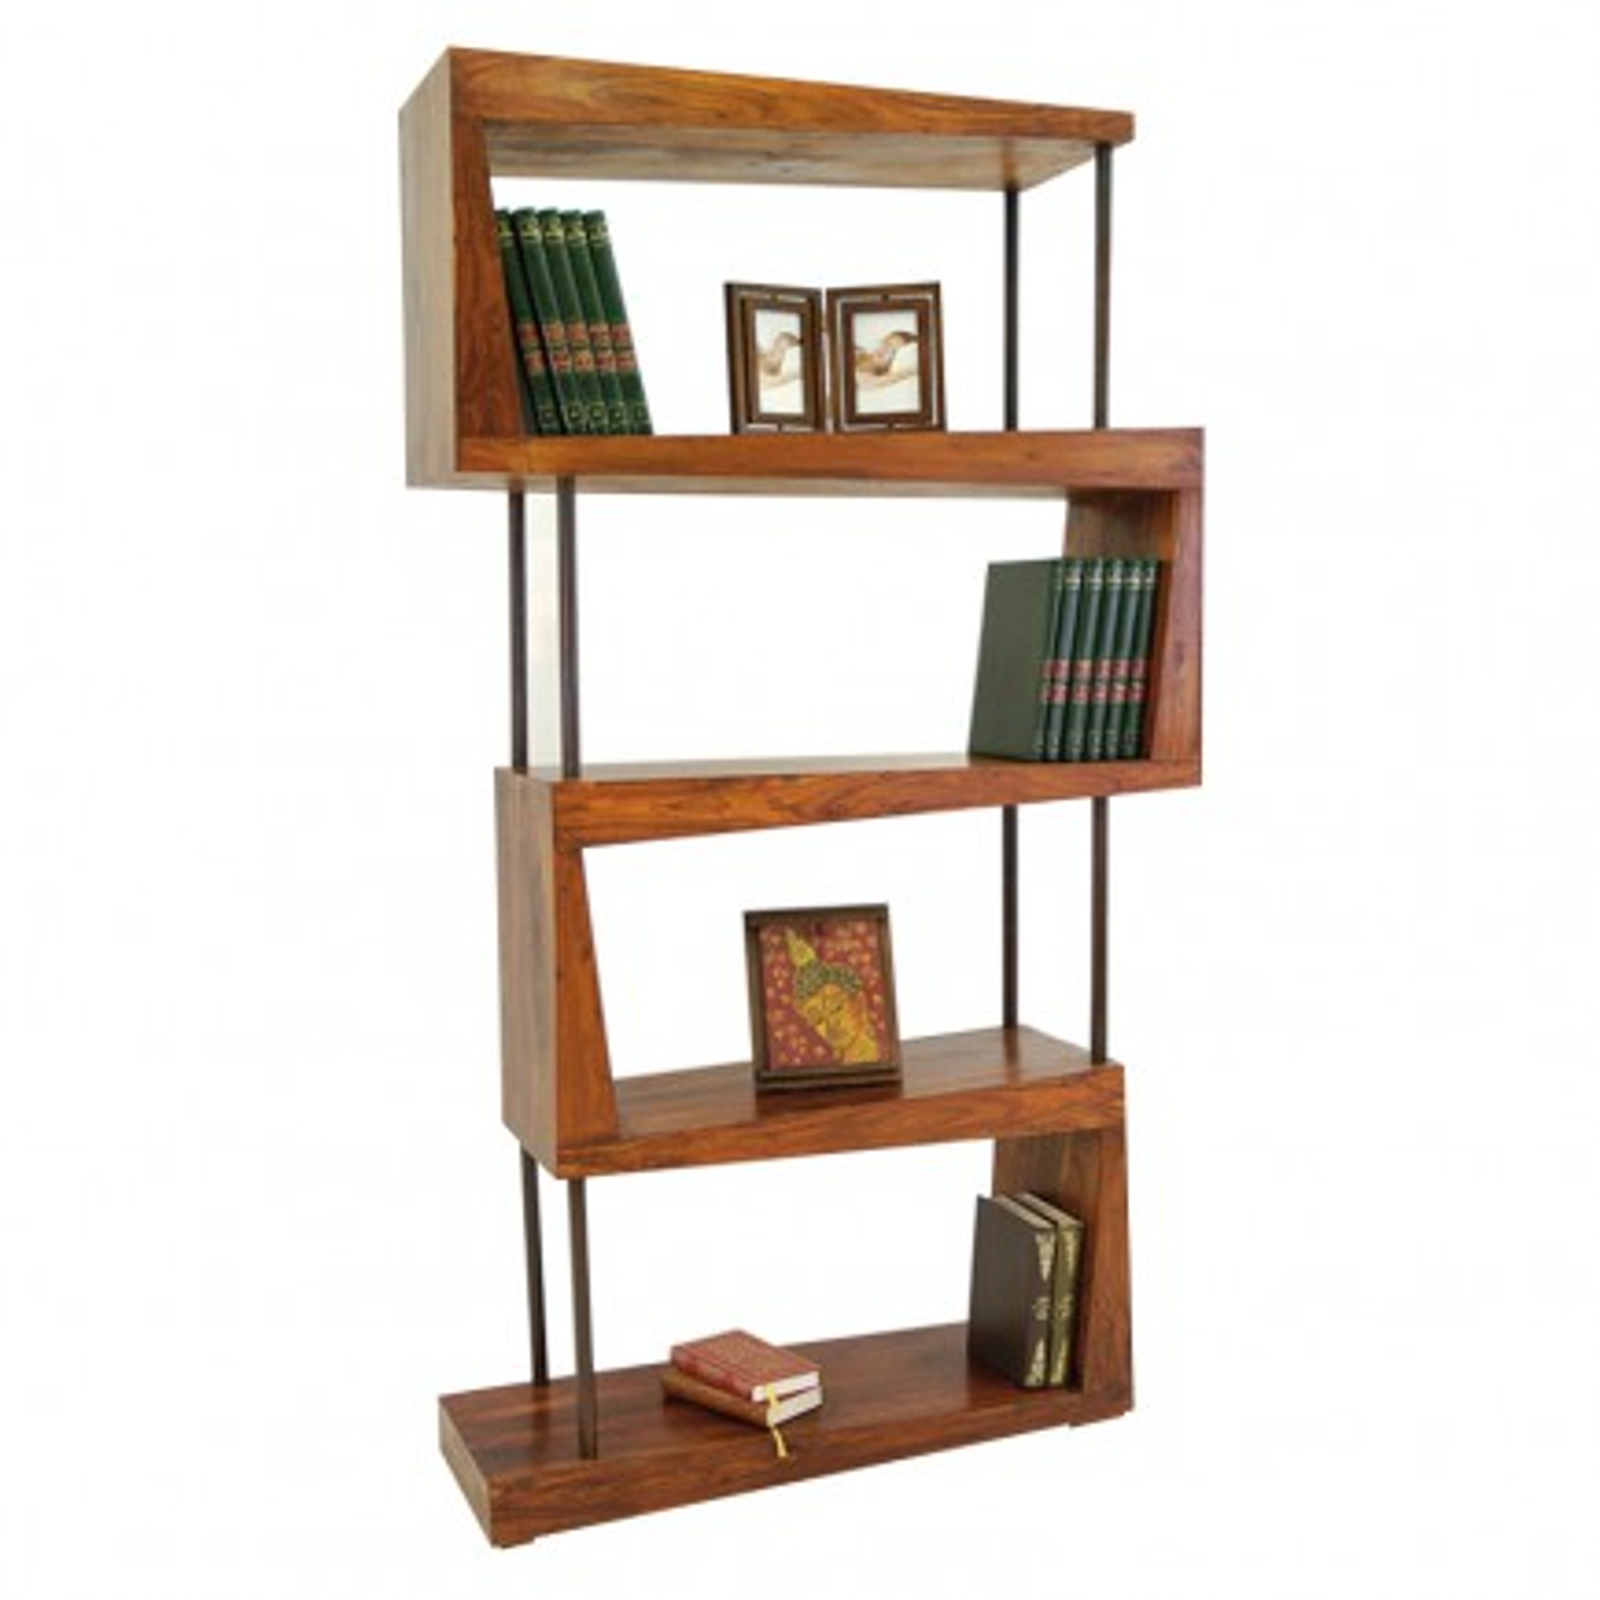 Étagère design en palissandre massif | Collection en bois exotique Lhassa